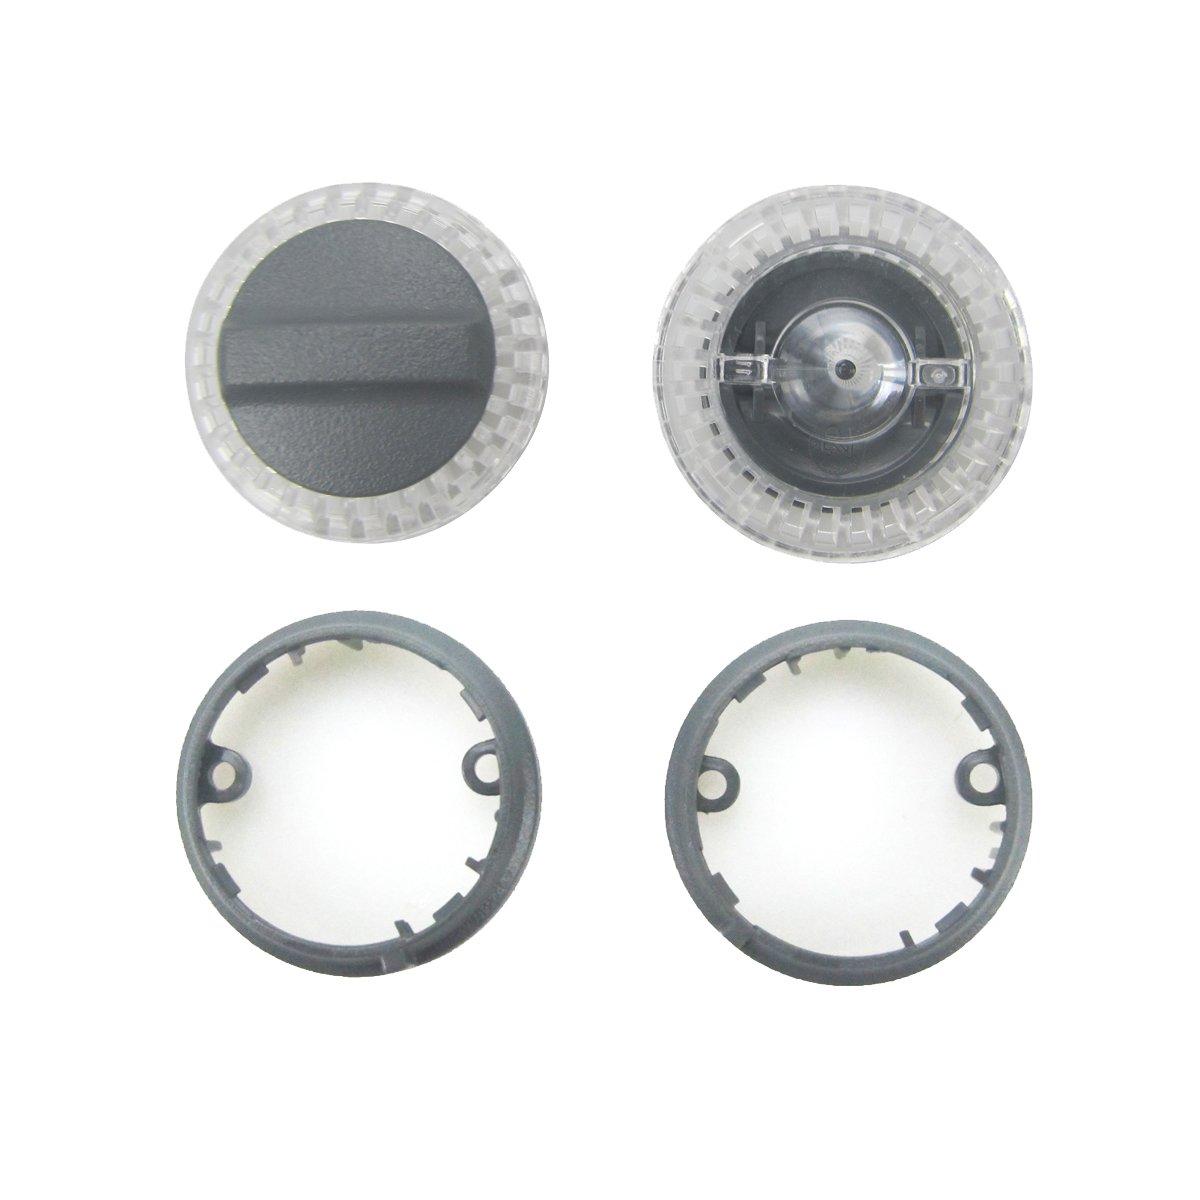 Kismaple Copri lampada LED + Set di anelli di base Sostituzione riparazione di ricambio Accessori per kit di ricambi per DJI Spark Drone